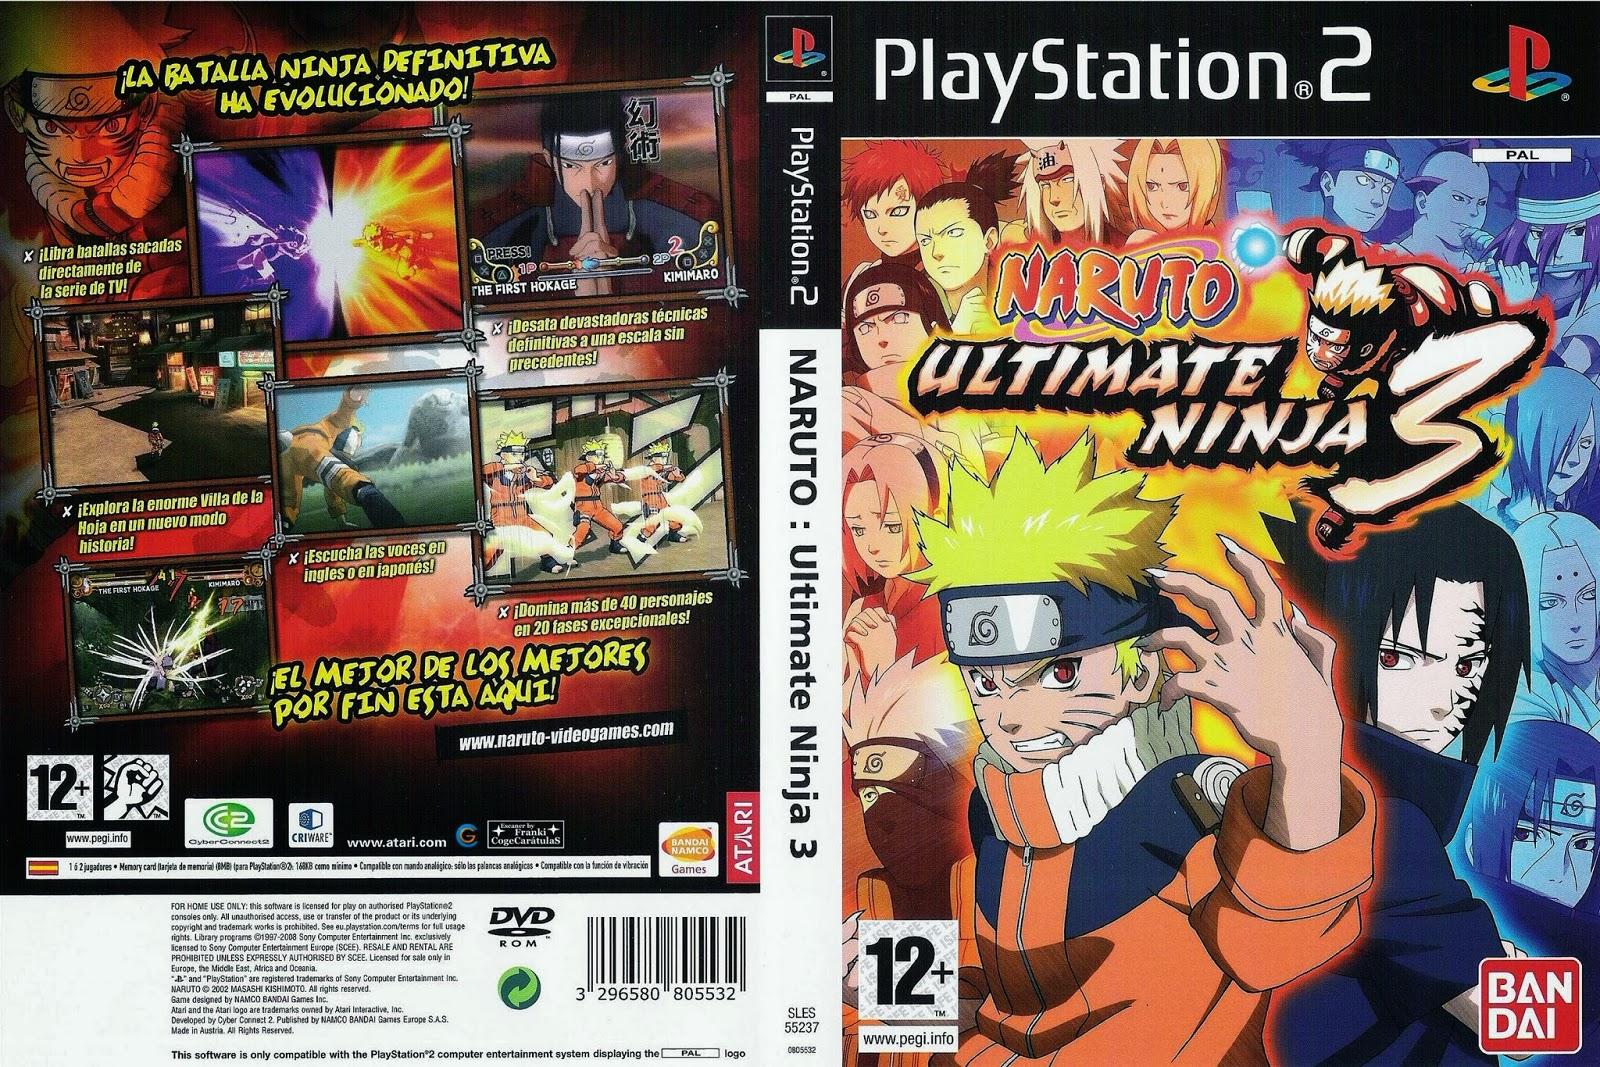 Naruto ultimate ninja 3 for playstation 2